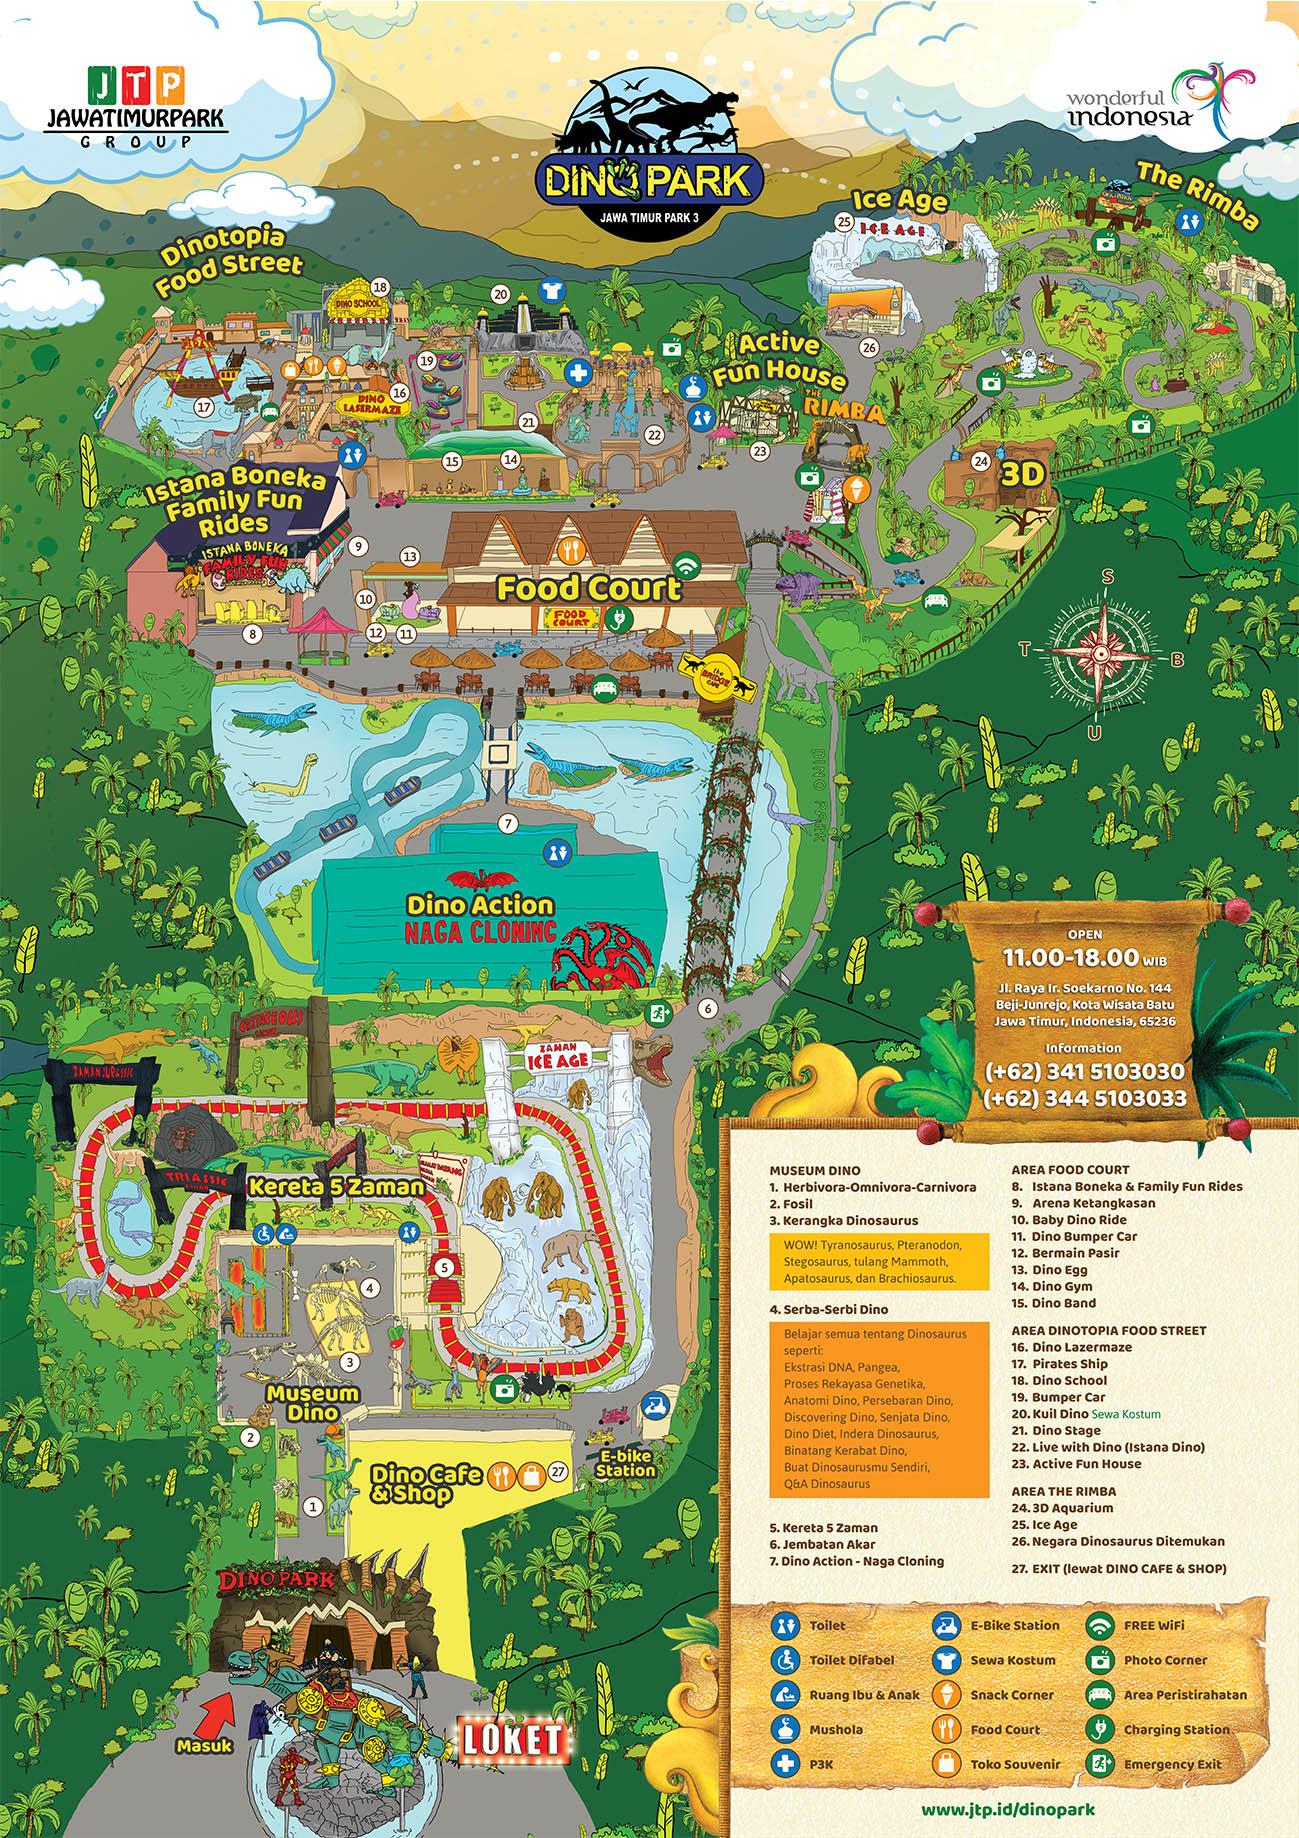 Peta Jatim Park 3